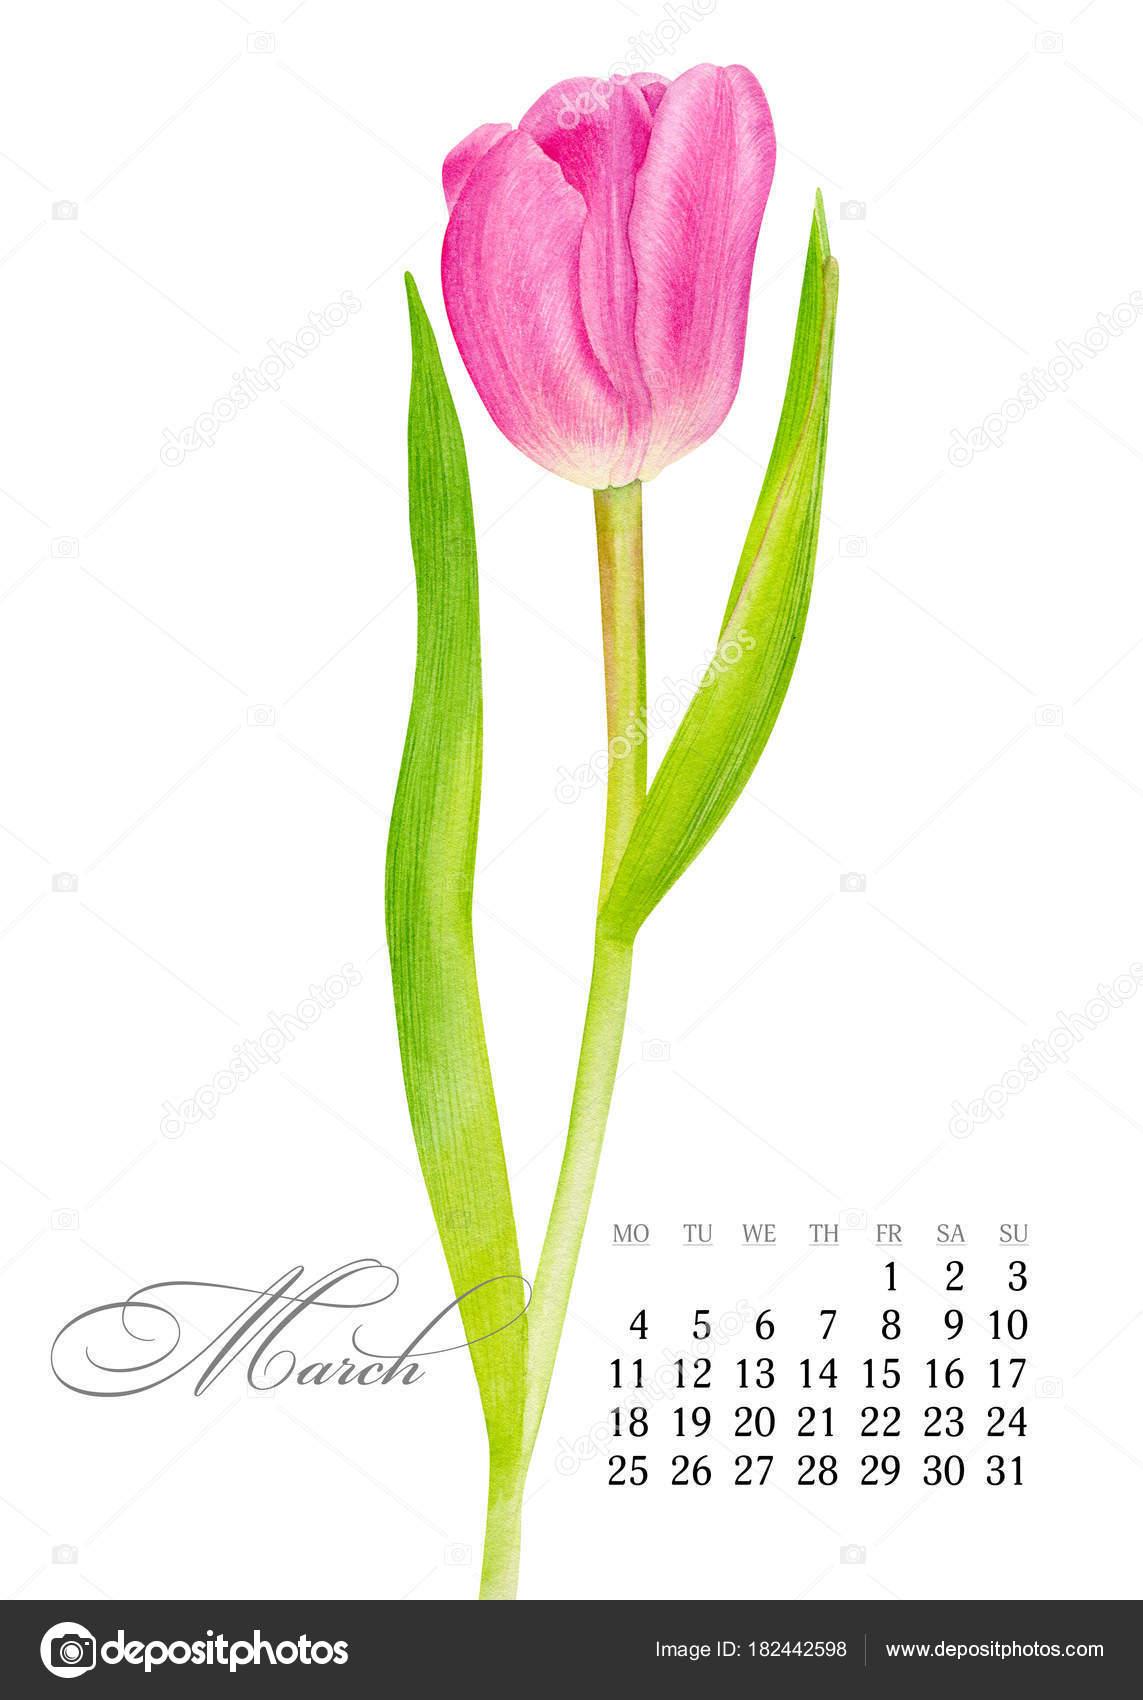 nyomtatható naptár 2019 november Elegáns nyomtatható naptár 2019. Március. Akvarell rózsaszín  nyomtatható naptár 2019 november